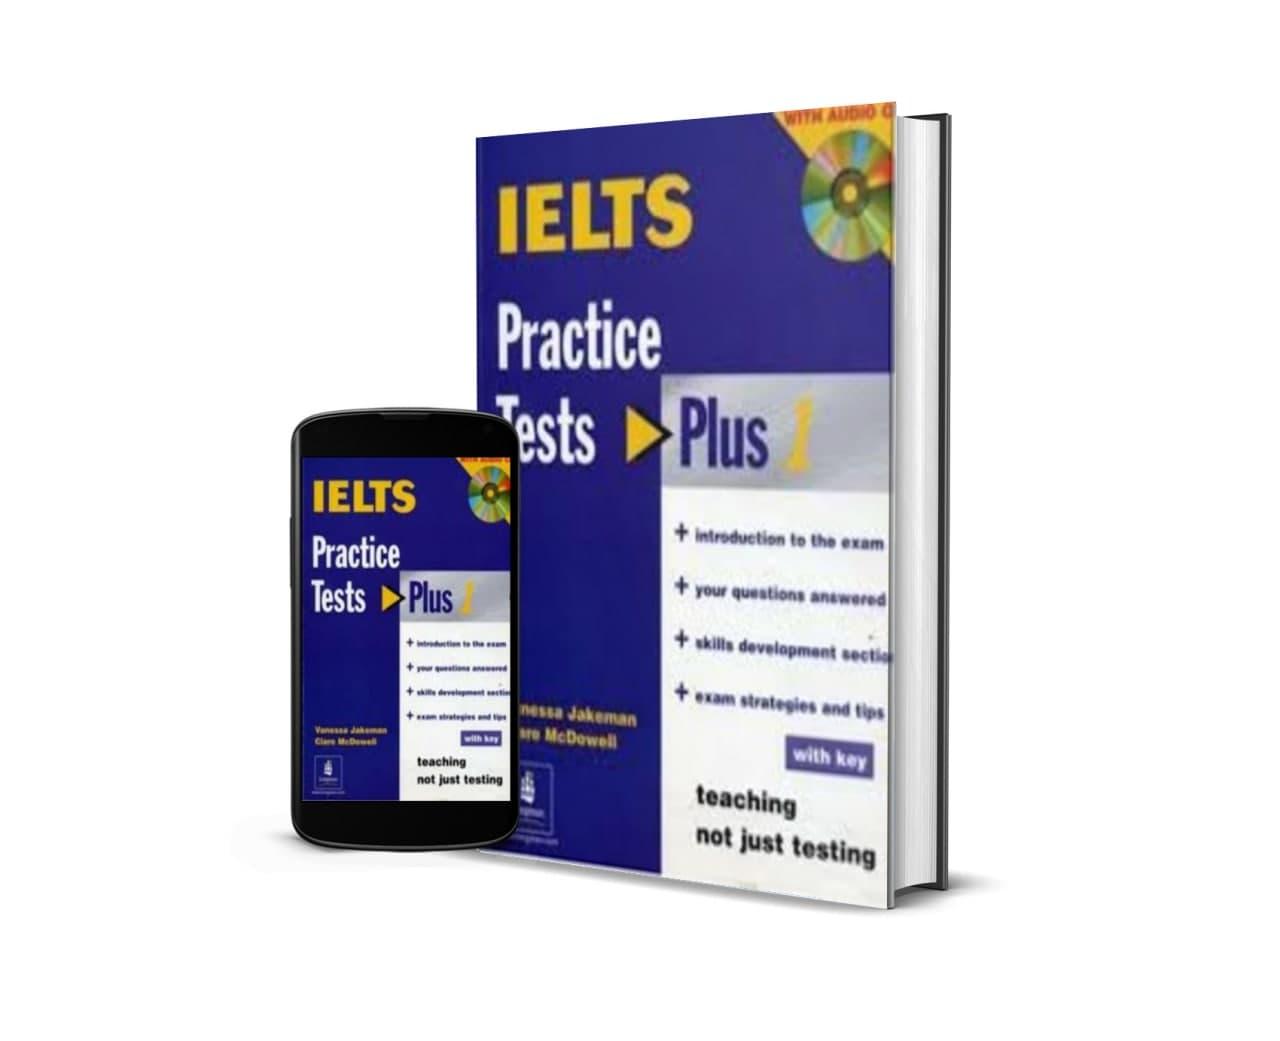 IELTS PRACTICE TESTS PLUS 1,2,3  | DOWNLOAD PDF + AUDIO |